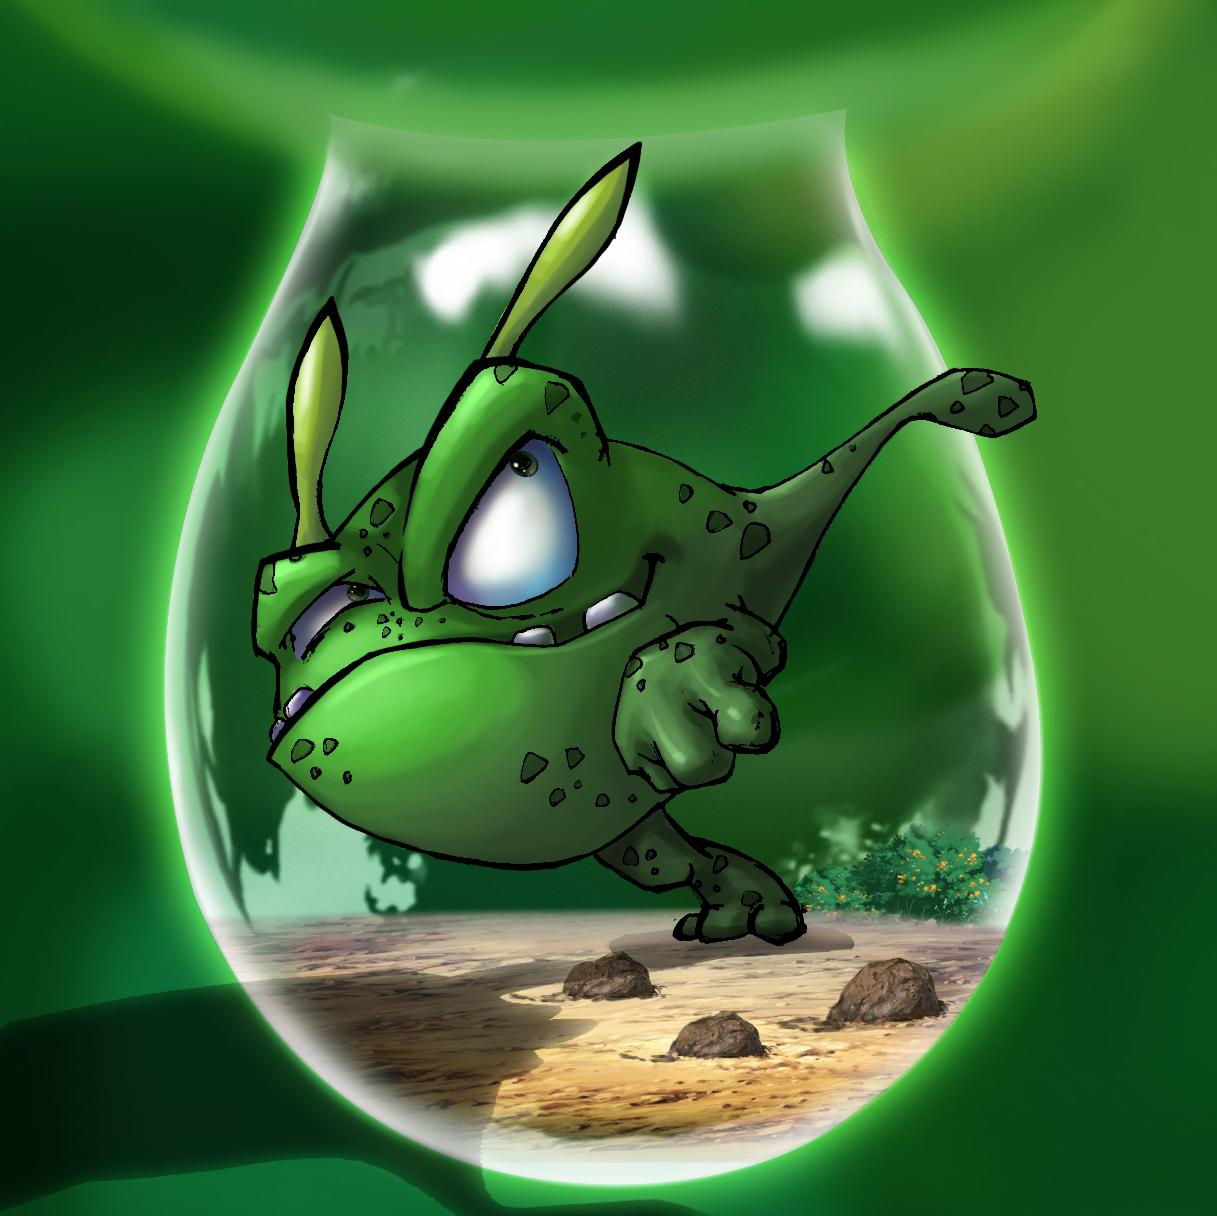 《诺诺森林》里的可爱的奇卡龙图片